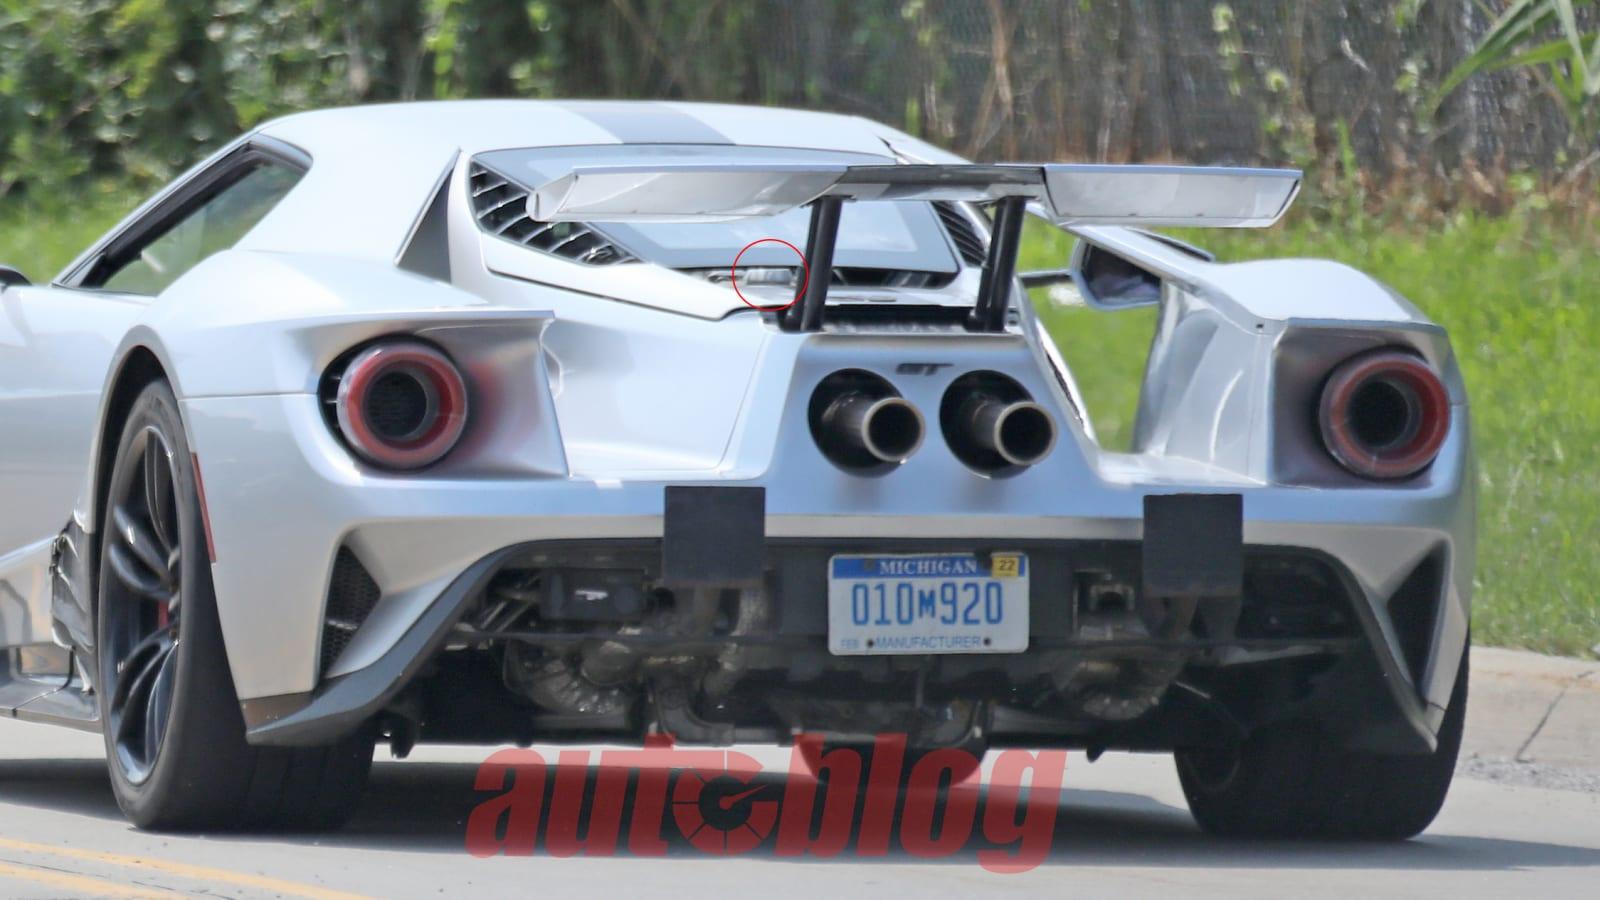 Ford GT Testfahrzeug gesichtet, und Gerüchte über einen neuen Motor machen die Runde